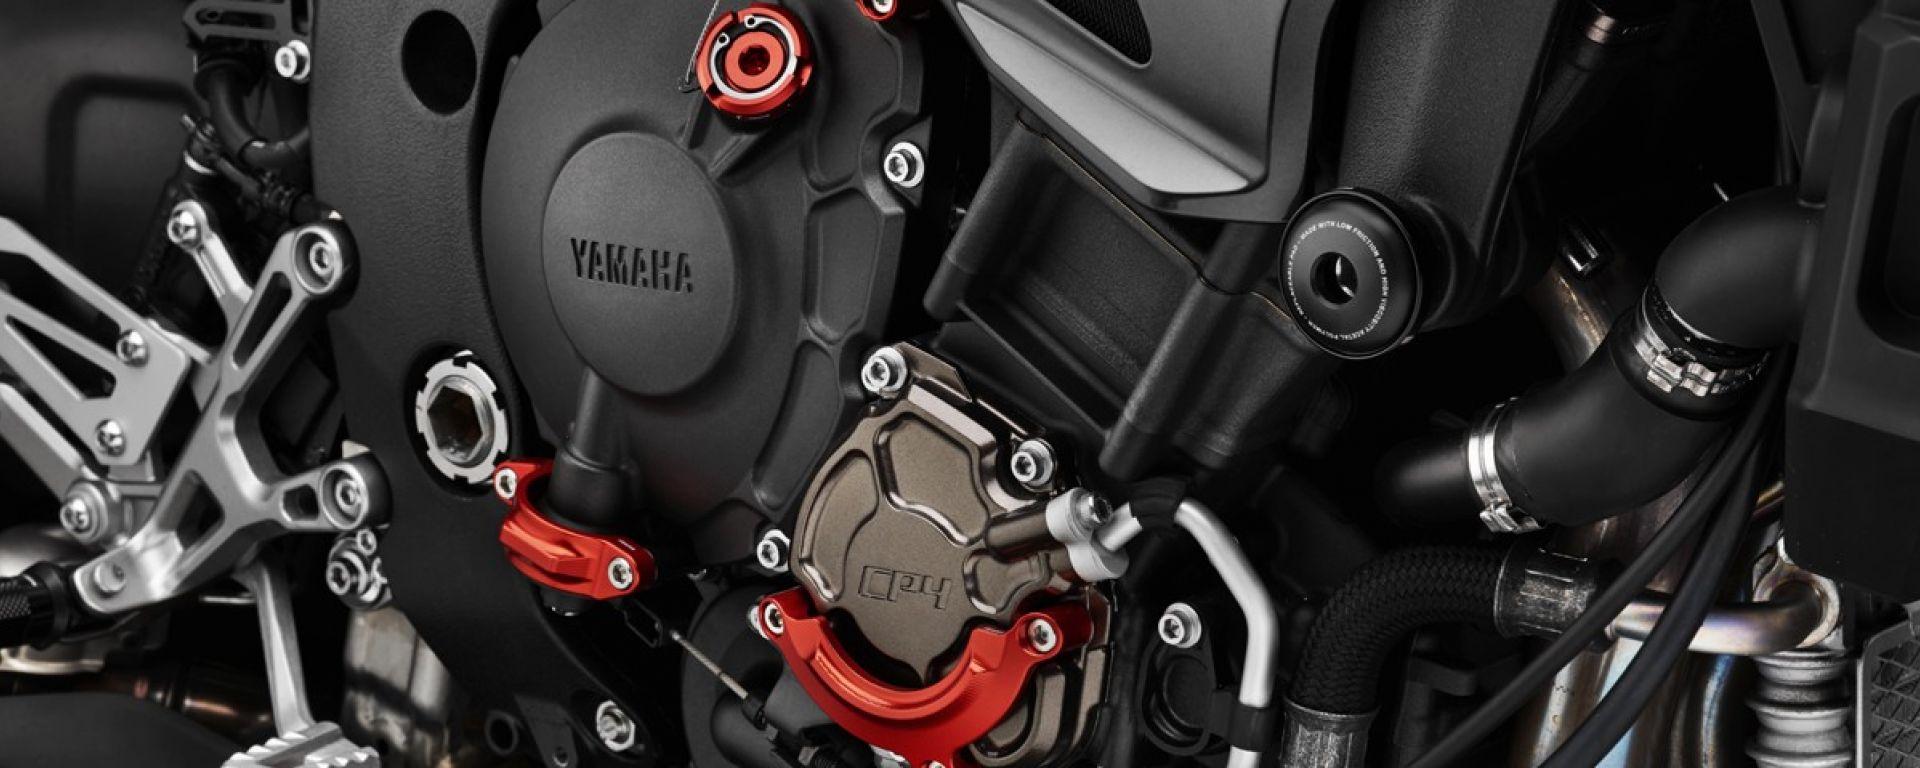 Yamaha MT-10, protezioni motore